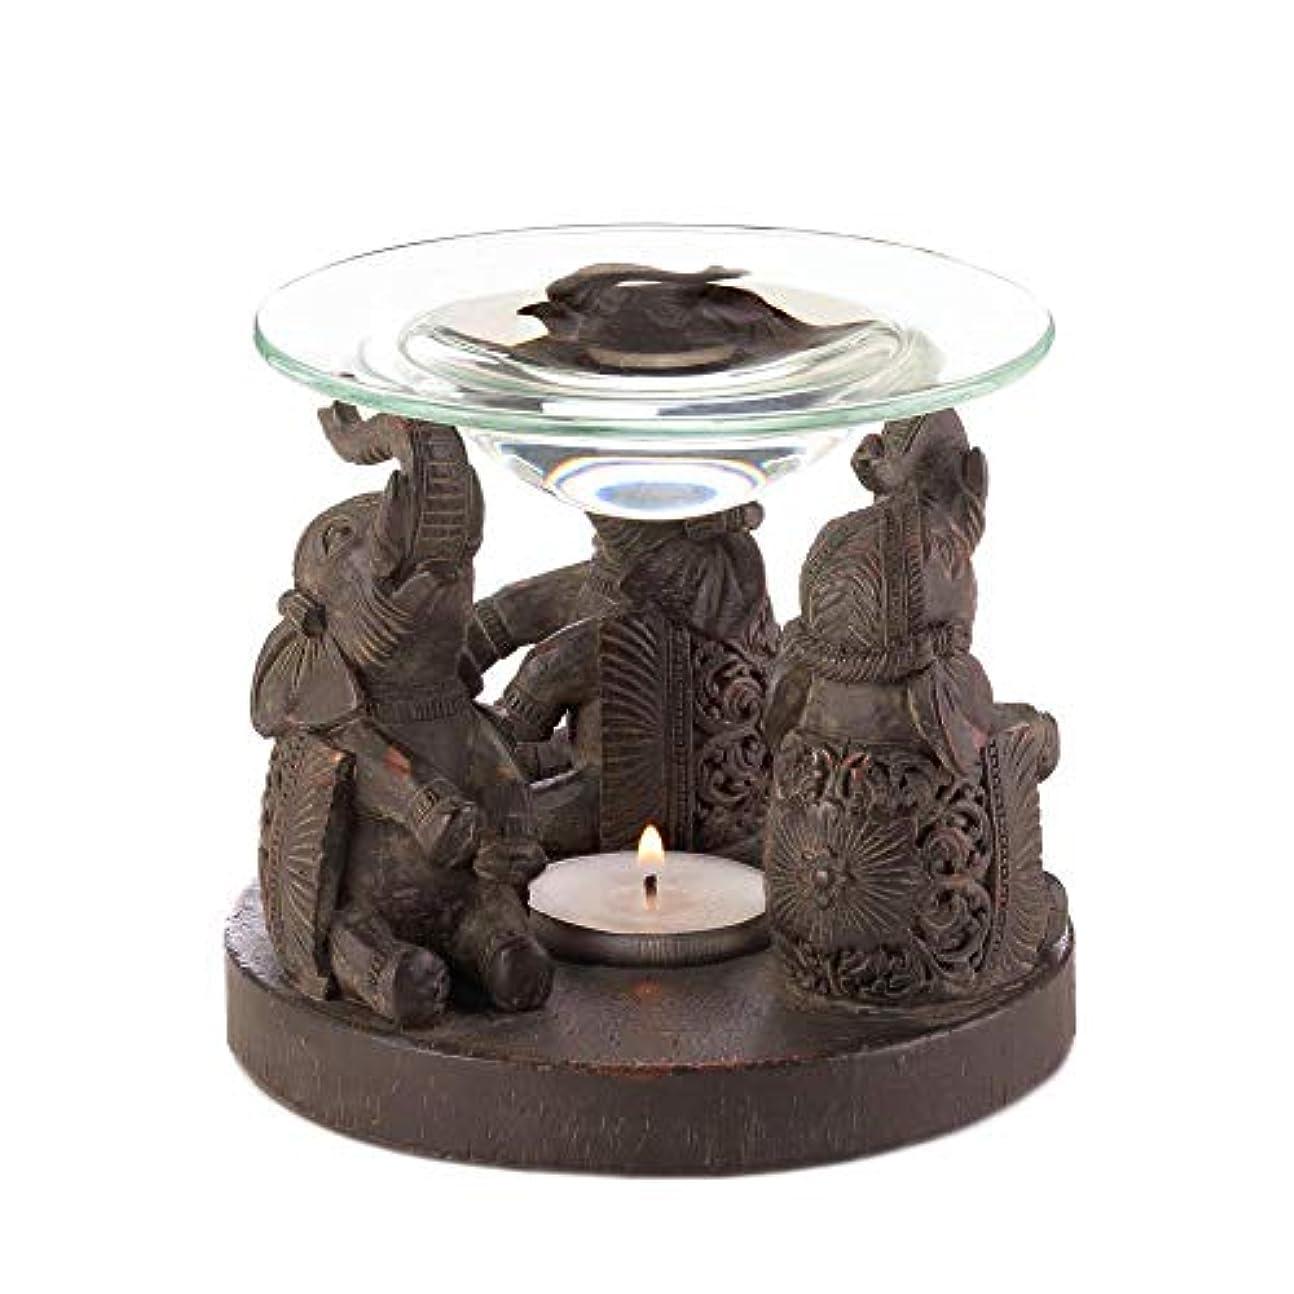 まぶしさ火薬ヒギンズAnya Nana ギフト 彫刻された象の像 キャンドル タルトワックスウォーマー バーナー ディフューザー アロマセラピー